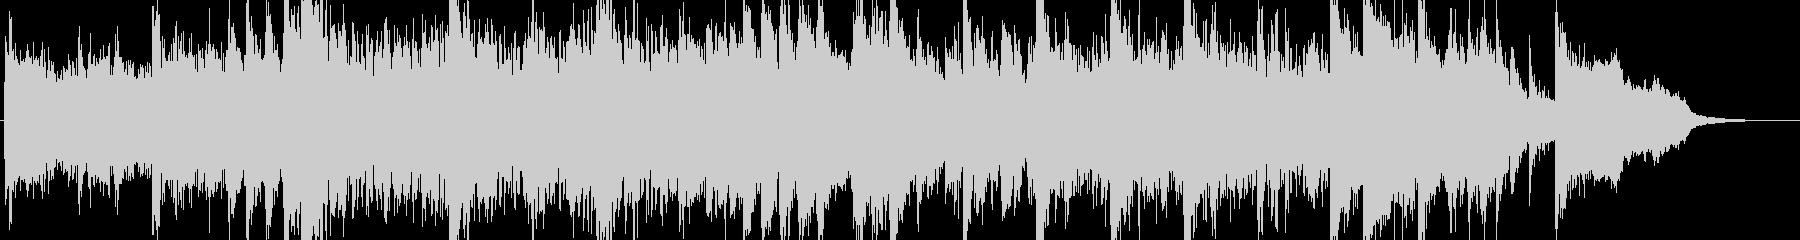 「ミュージカル調の派手で賑やかなBGM」の未再生の波形